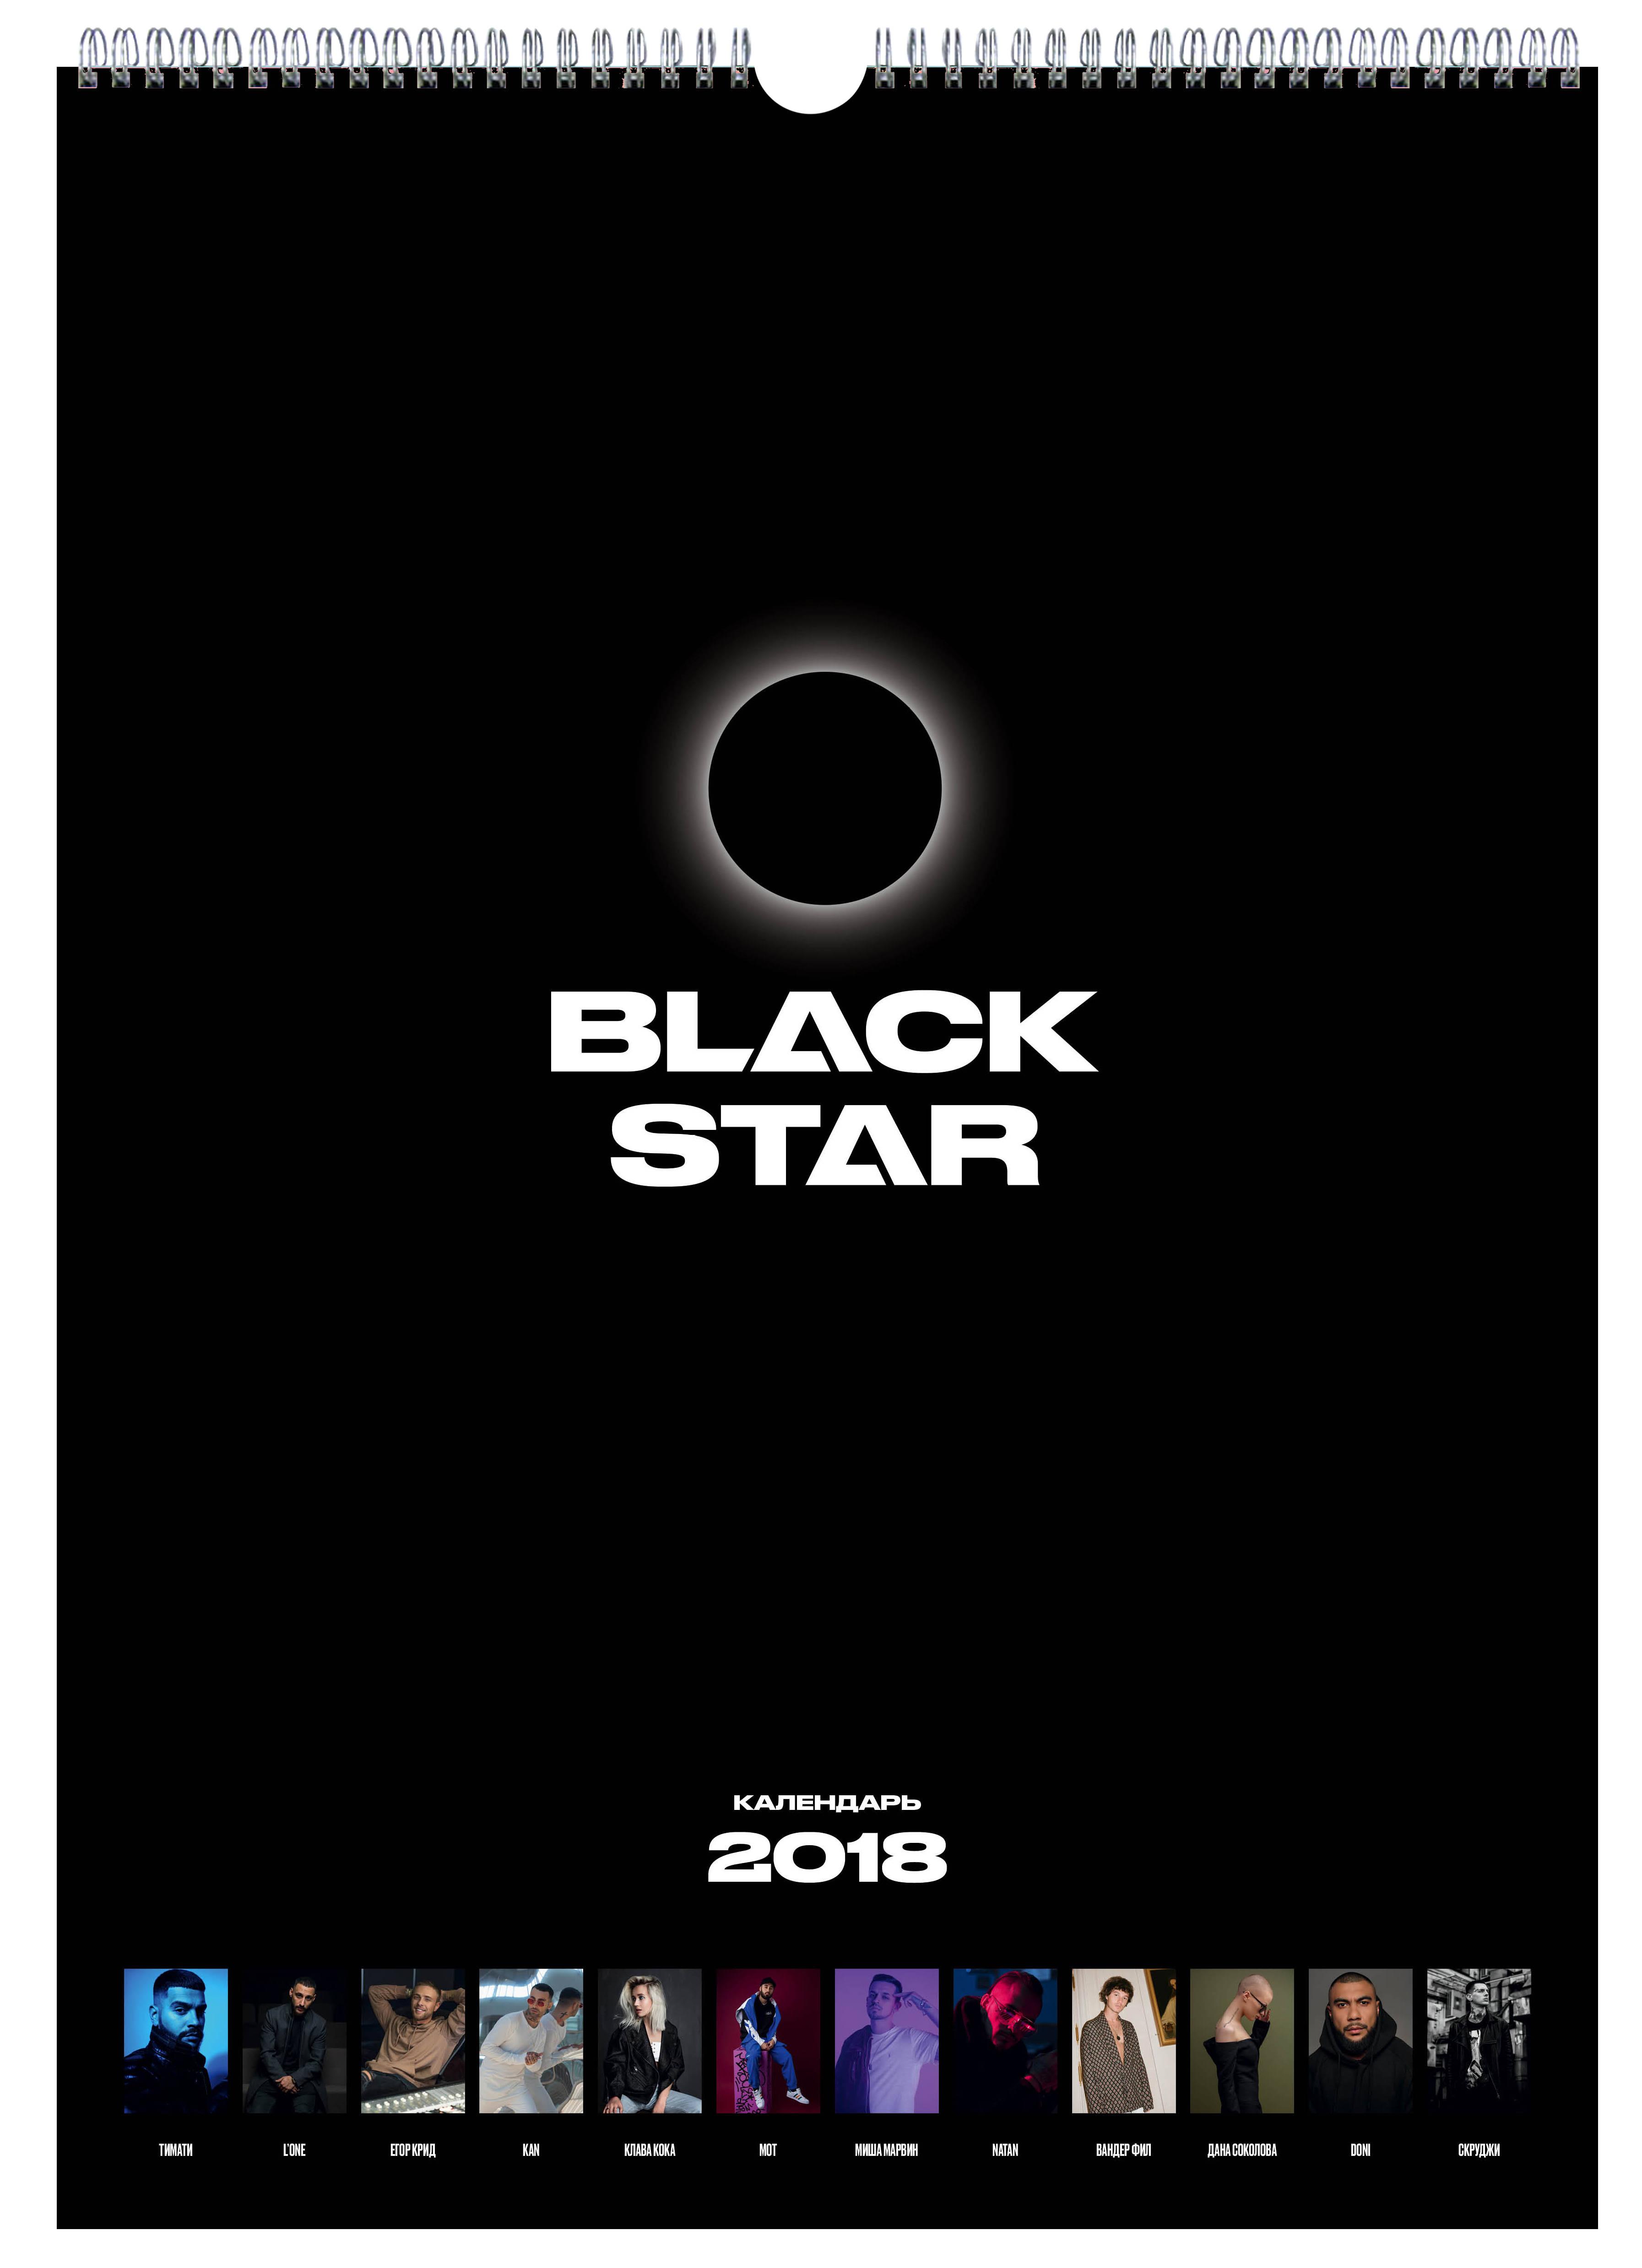 Календарь Black Star